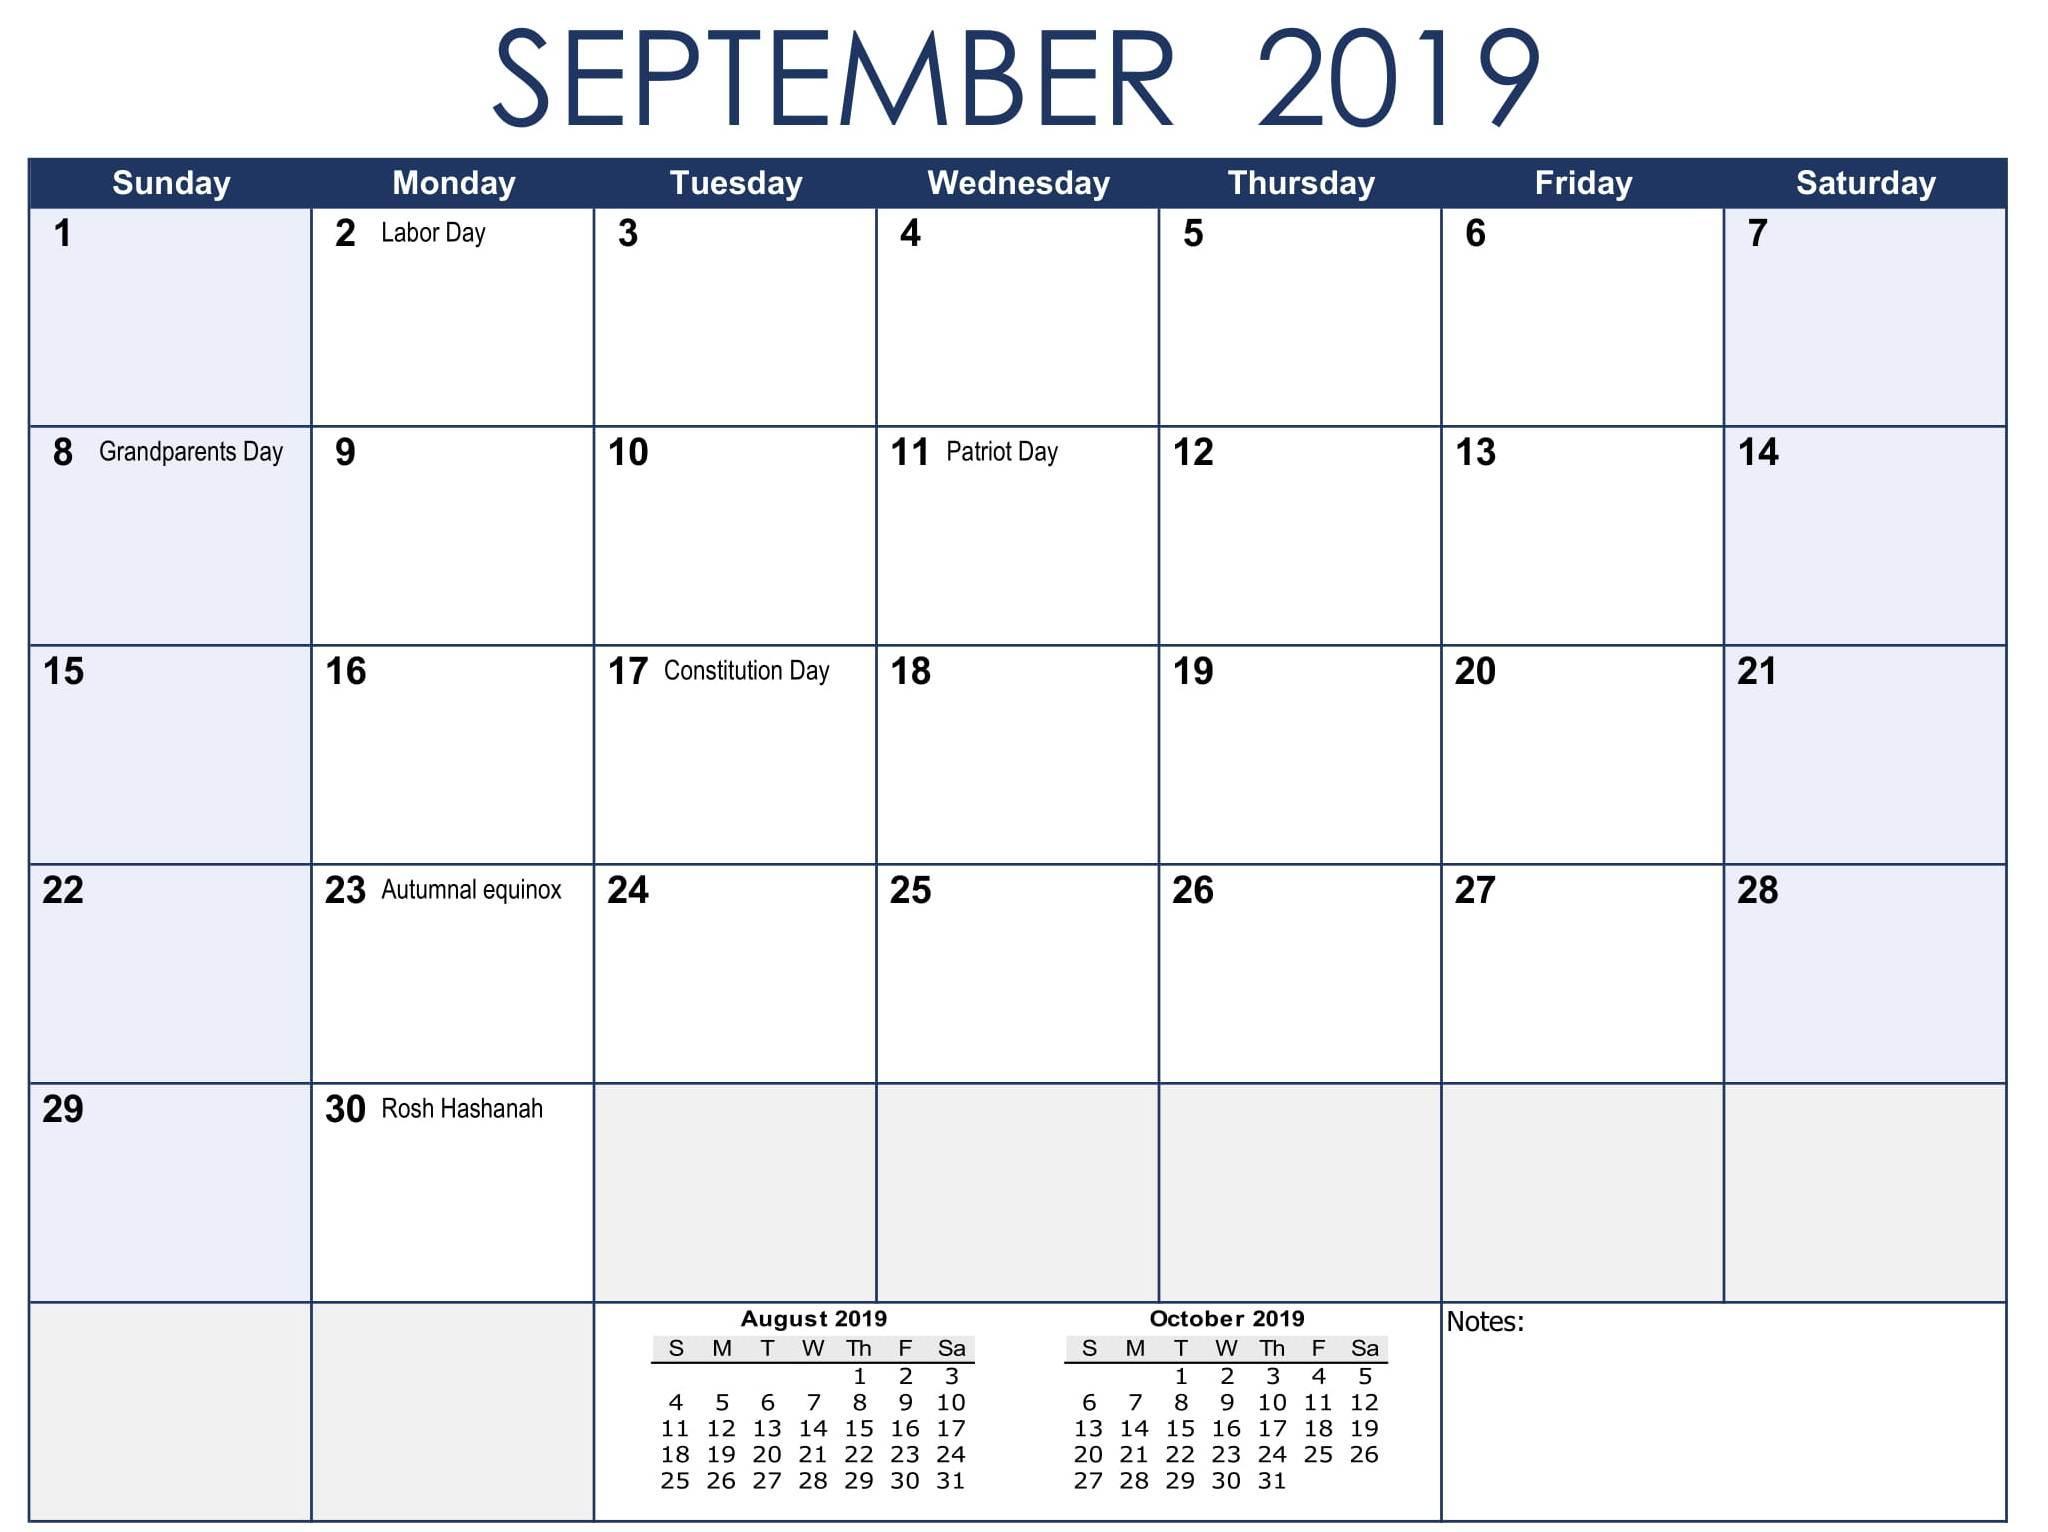 USA Holidays Calendar September 2019